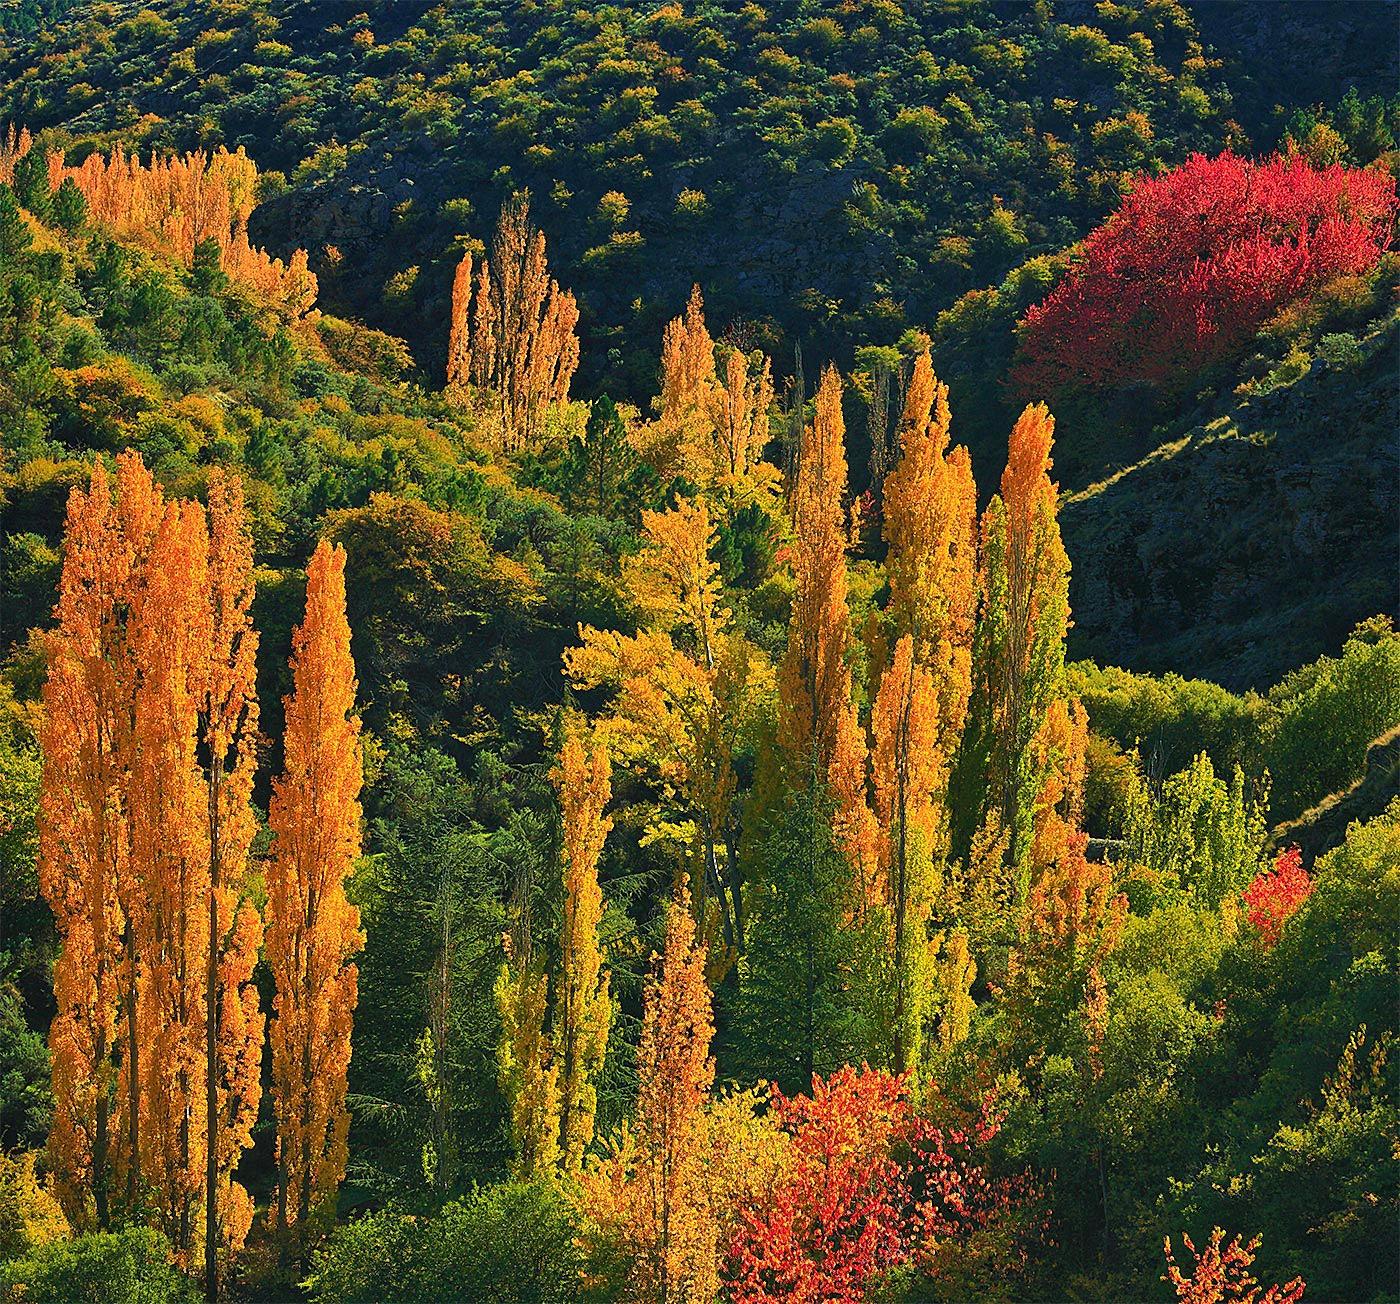 Sierra de Baza - On fire - Peter Manschot Al Andalus Photo Tour, Landscape photography photos prints workshops Andalusia Spain